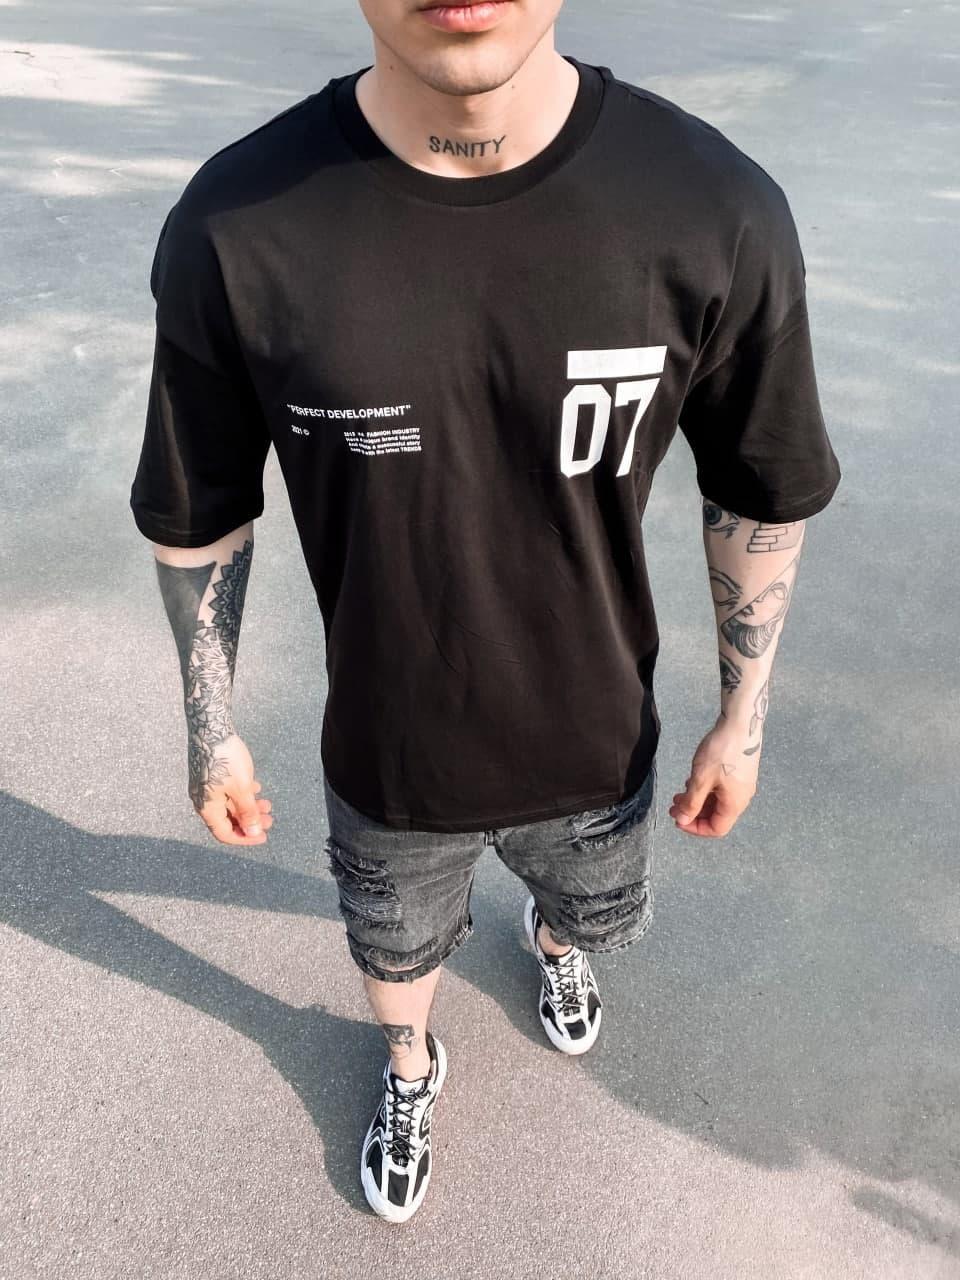 Черная футболка оверсайз мужская 07